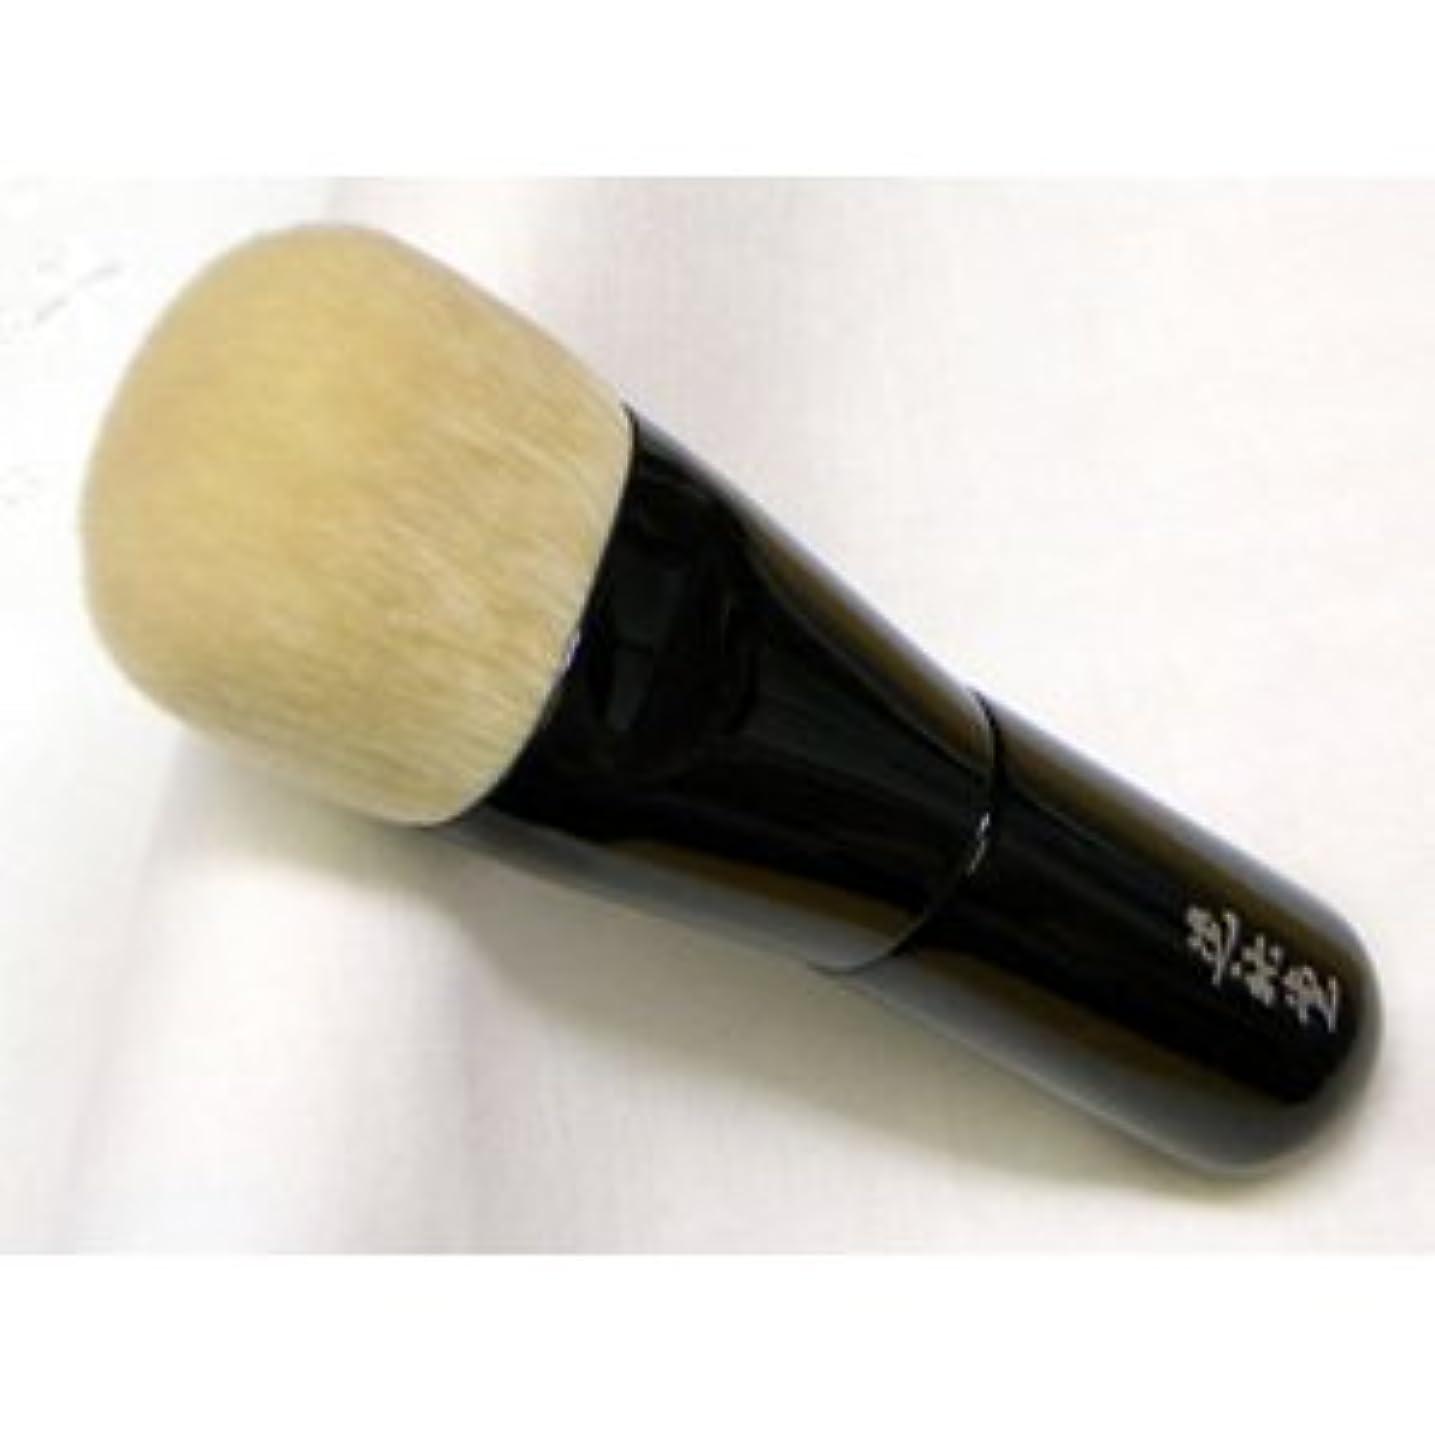 読者データベースクライマックス熊野 化粧筆 fu-pa02 フーパシリーズ リキッドブラシ 化粧箱付